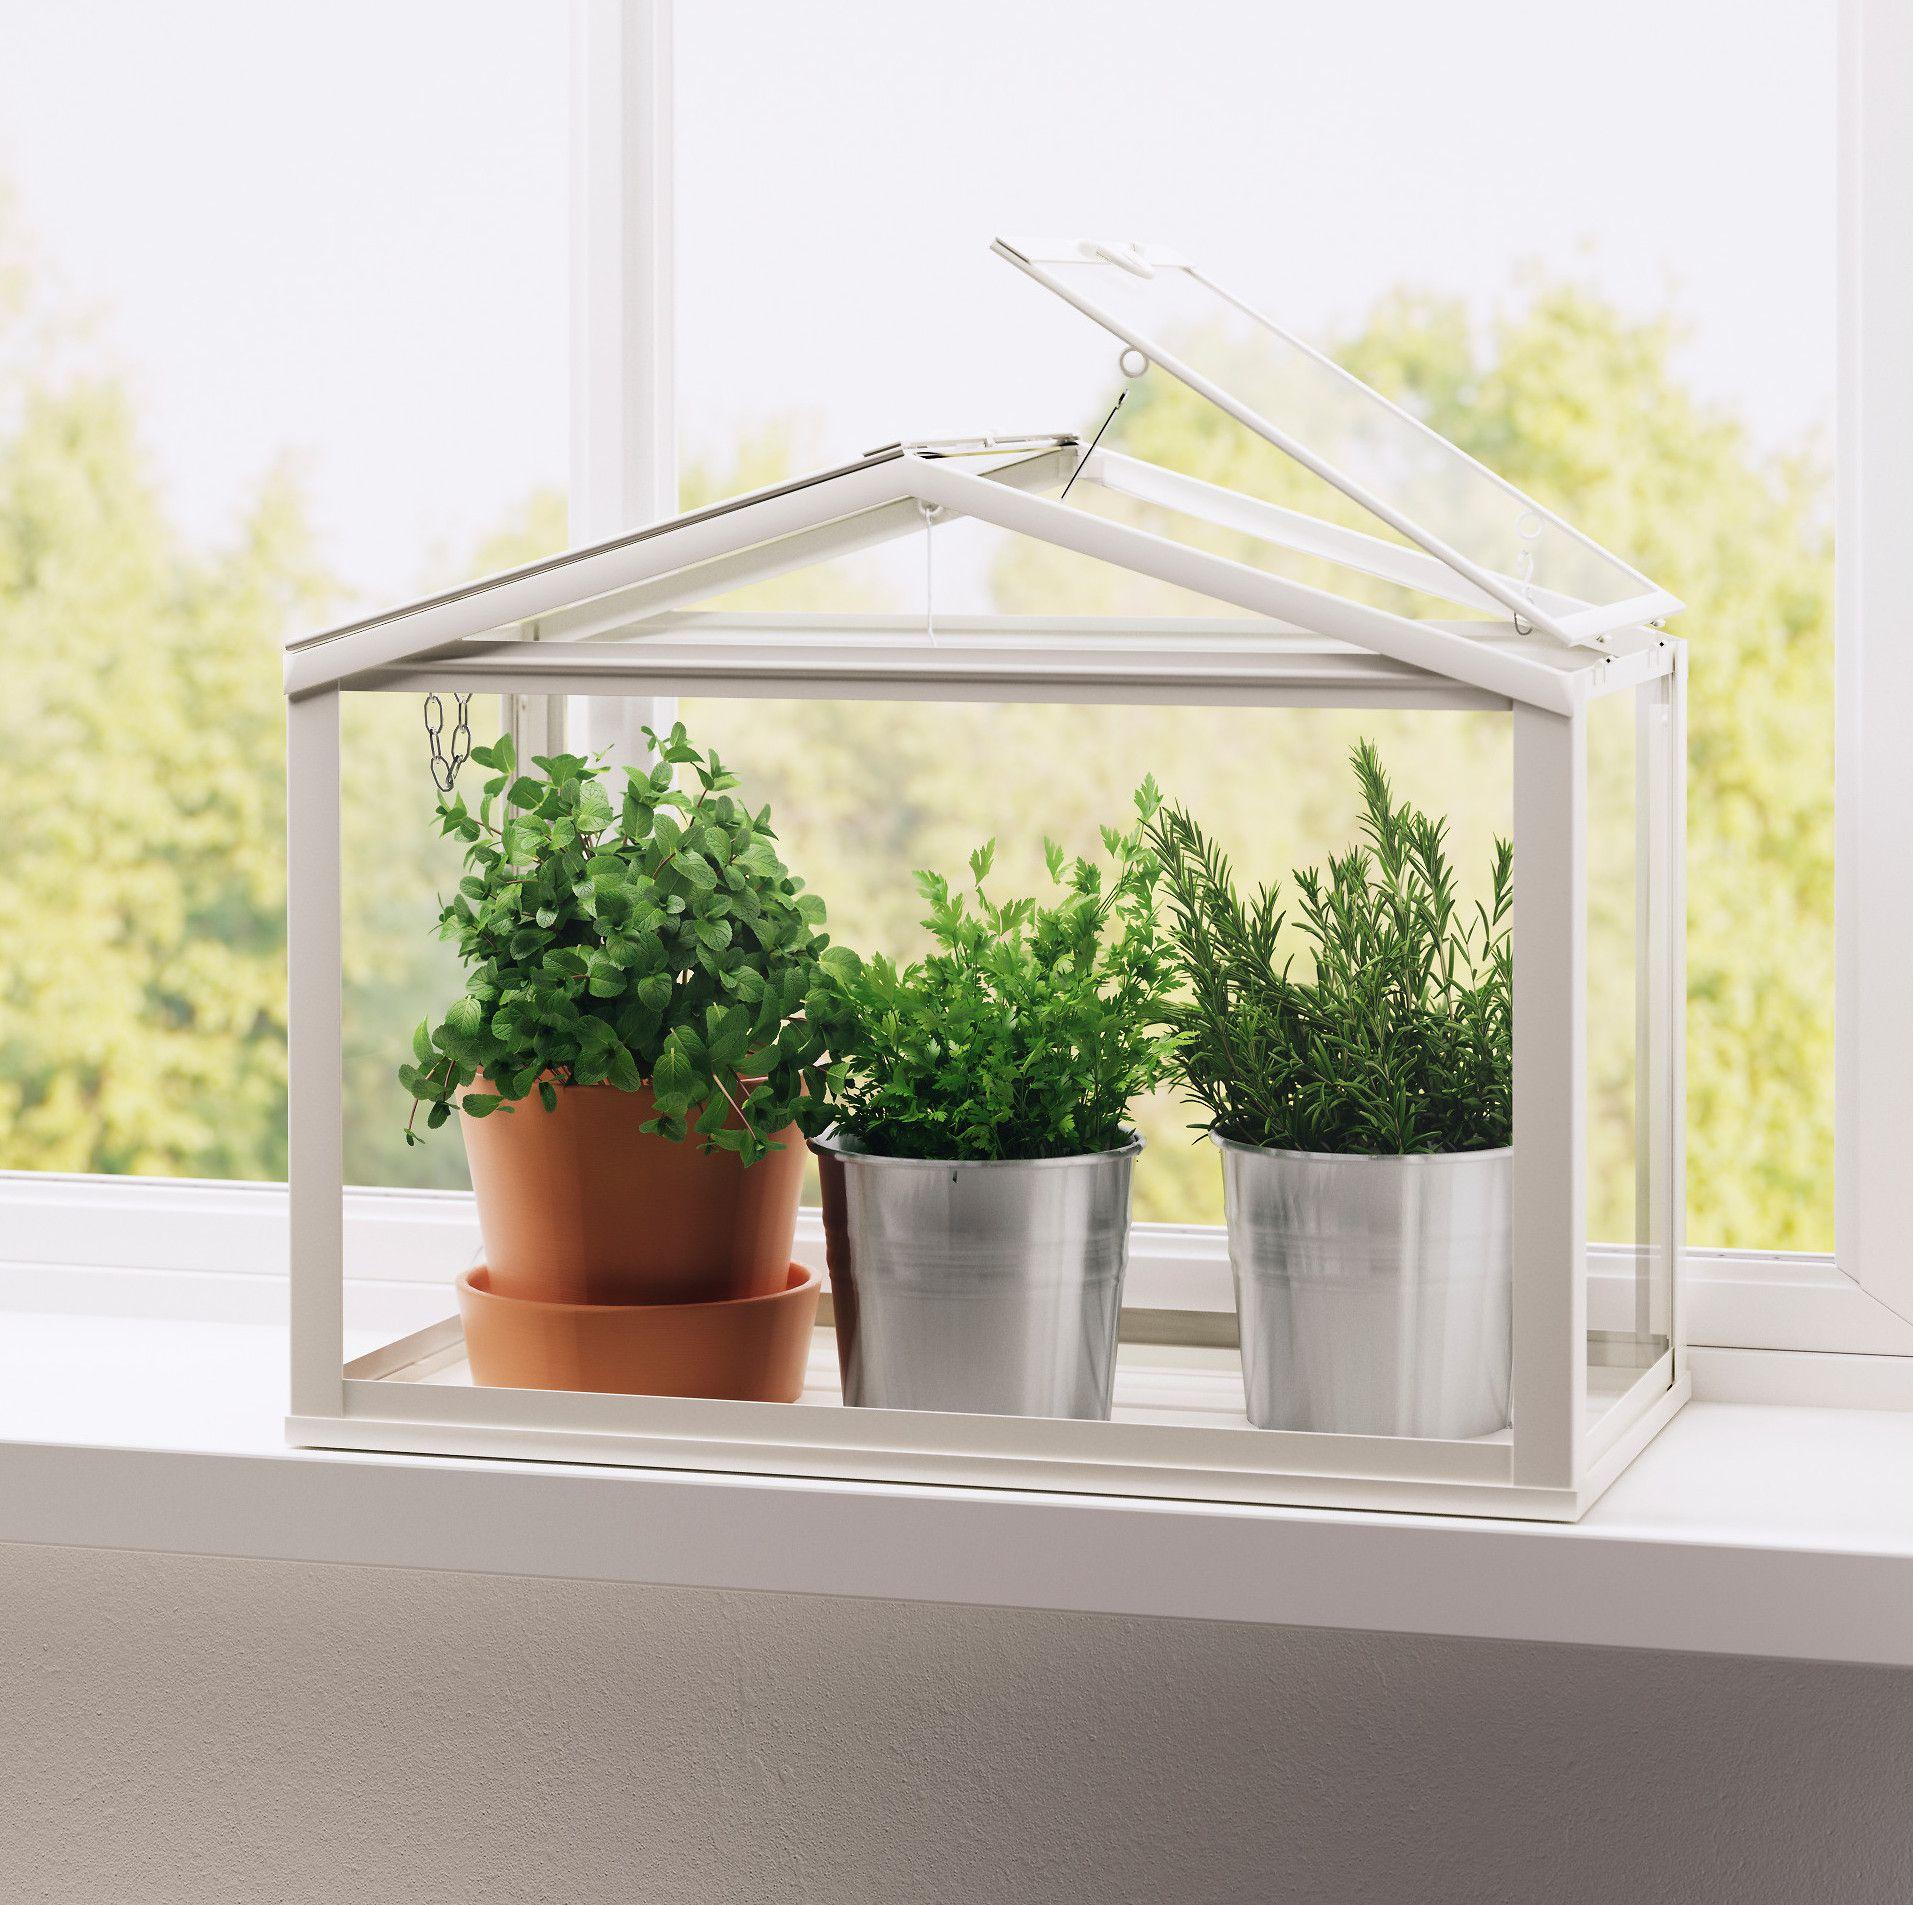 kitchen herb kit shabby chic decor 17 indoor garden ideas - planters